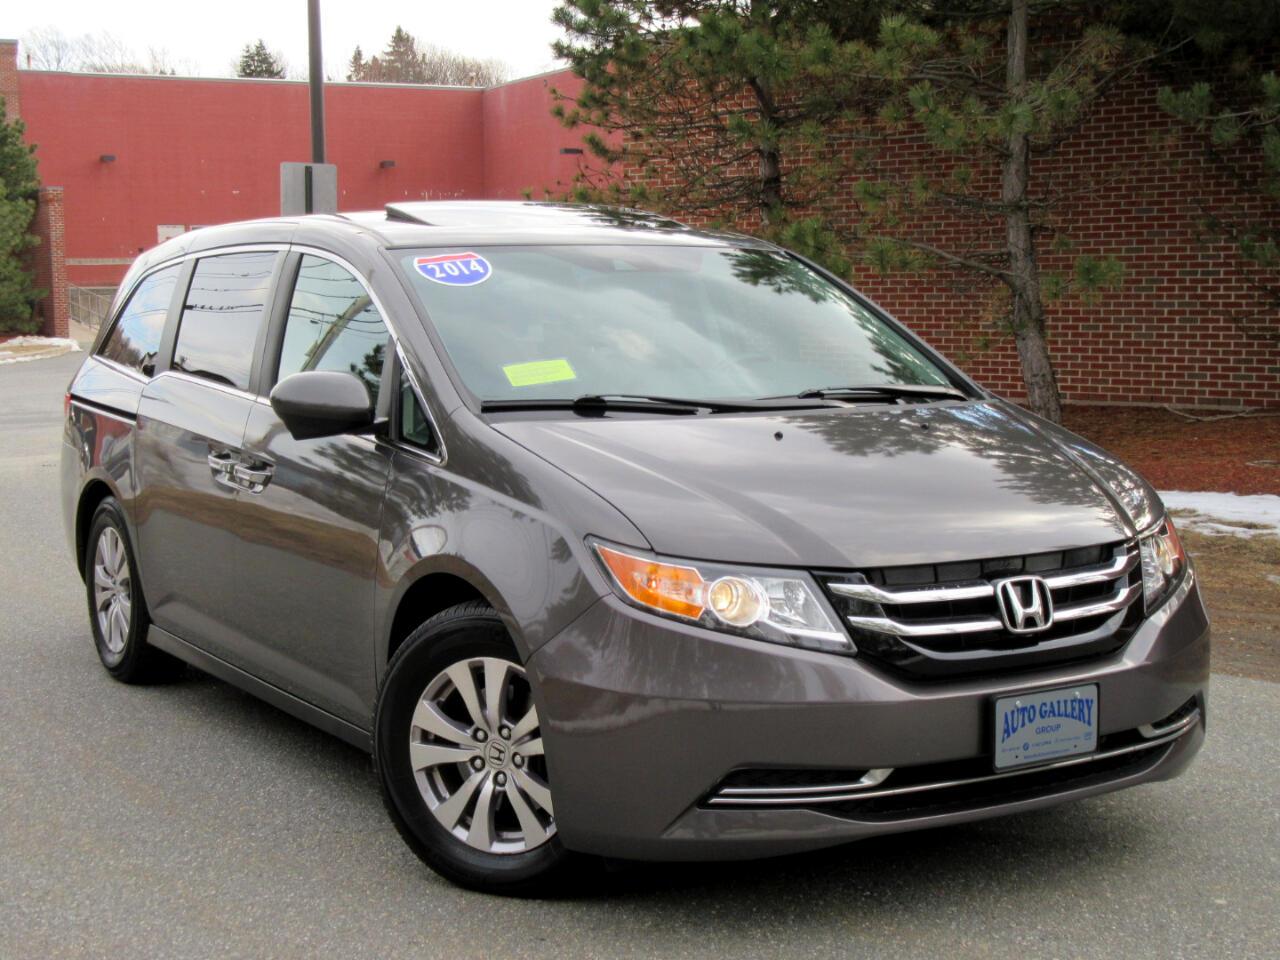 2014 Honda Odyssey 5 dr EX-L Leather Navigation Backup Camera